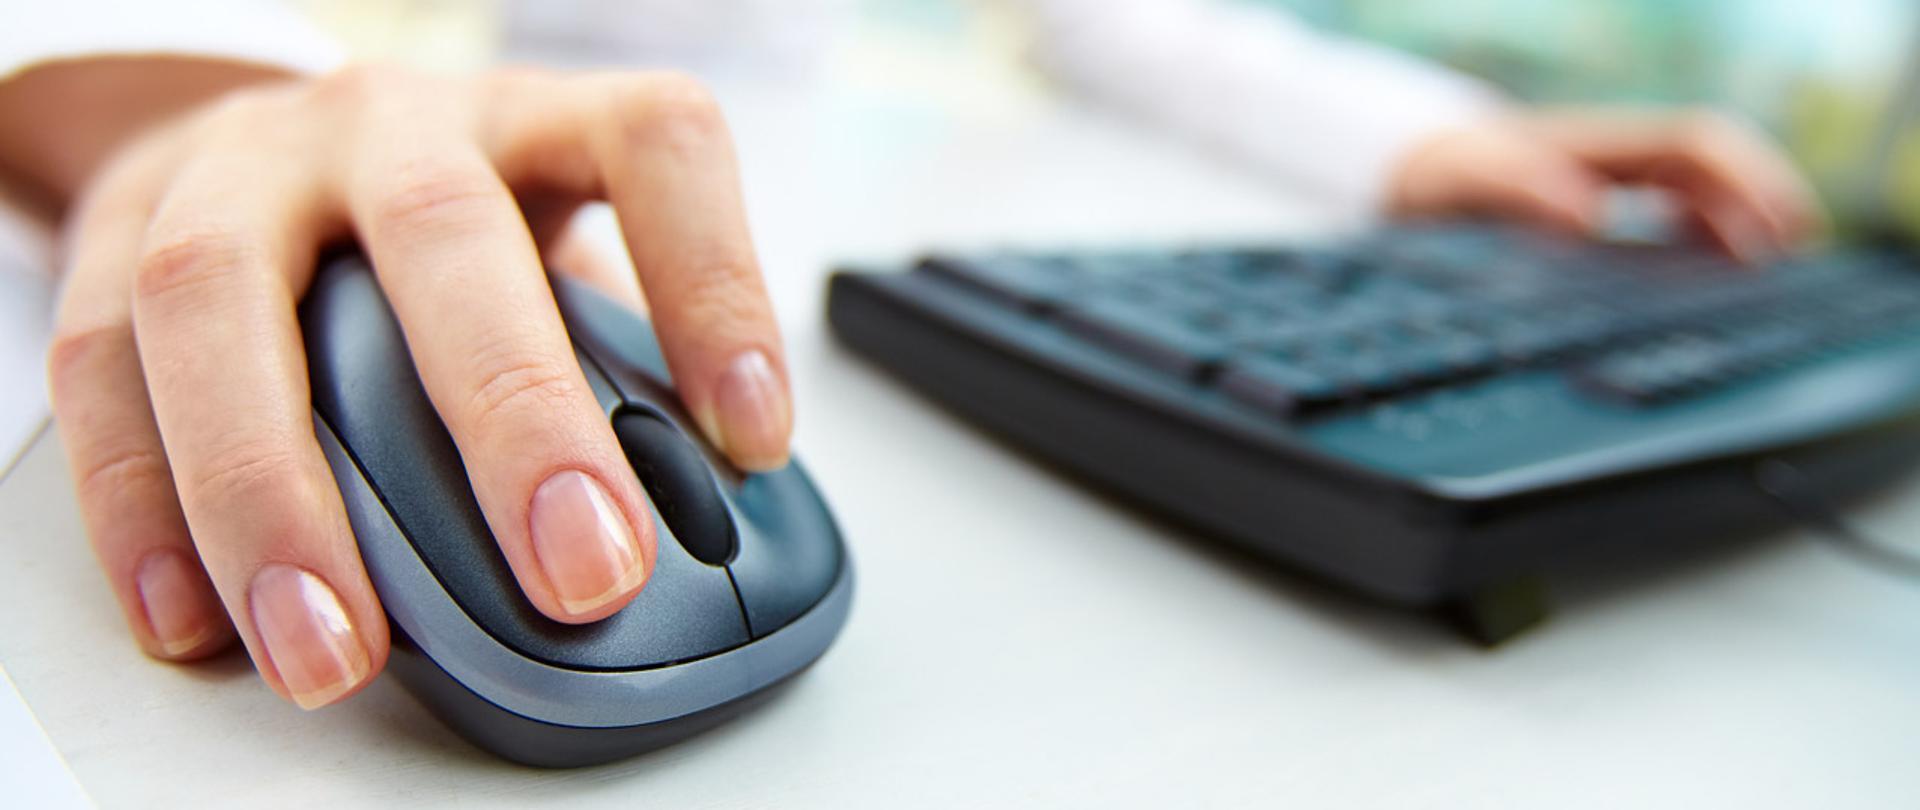 Dłoń na myszy komputerowe, druga na klawiaturze komputerowej.